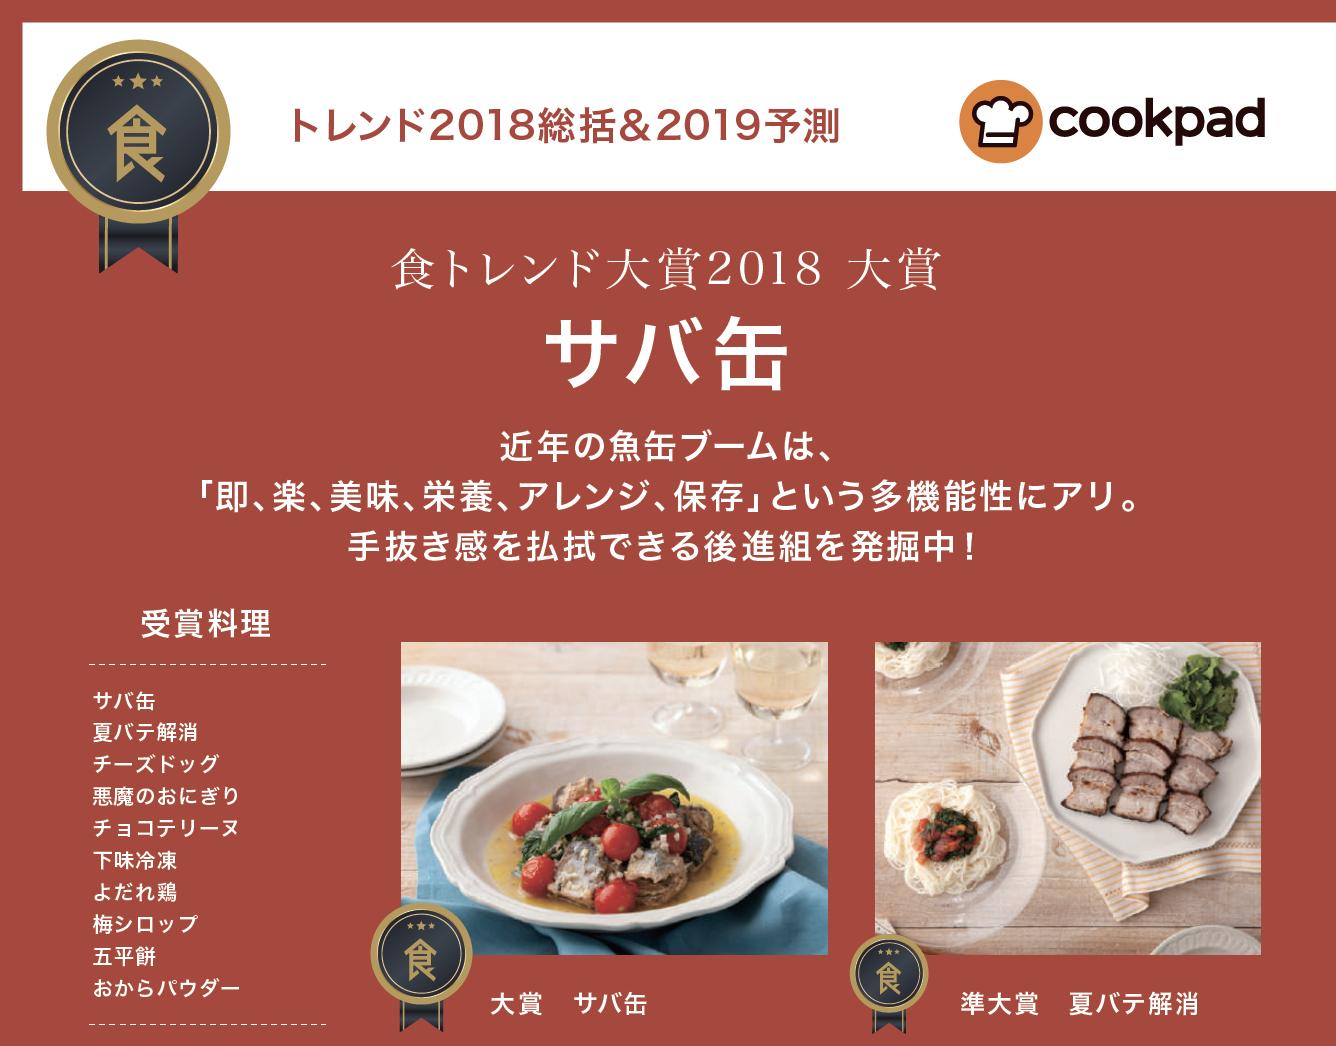 【特集】【食】トレンド2018総括&2019予測 cookpad(2019年1月号)